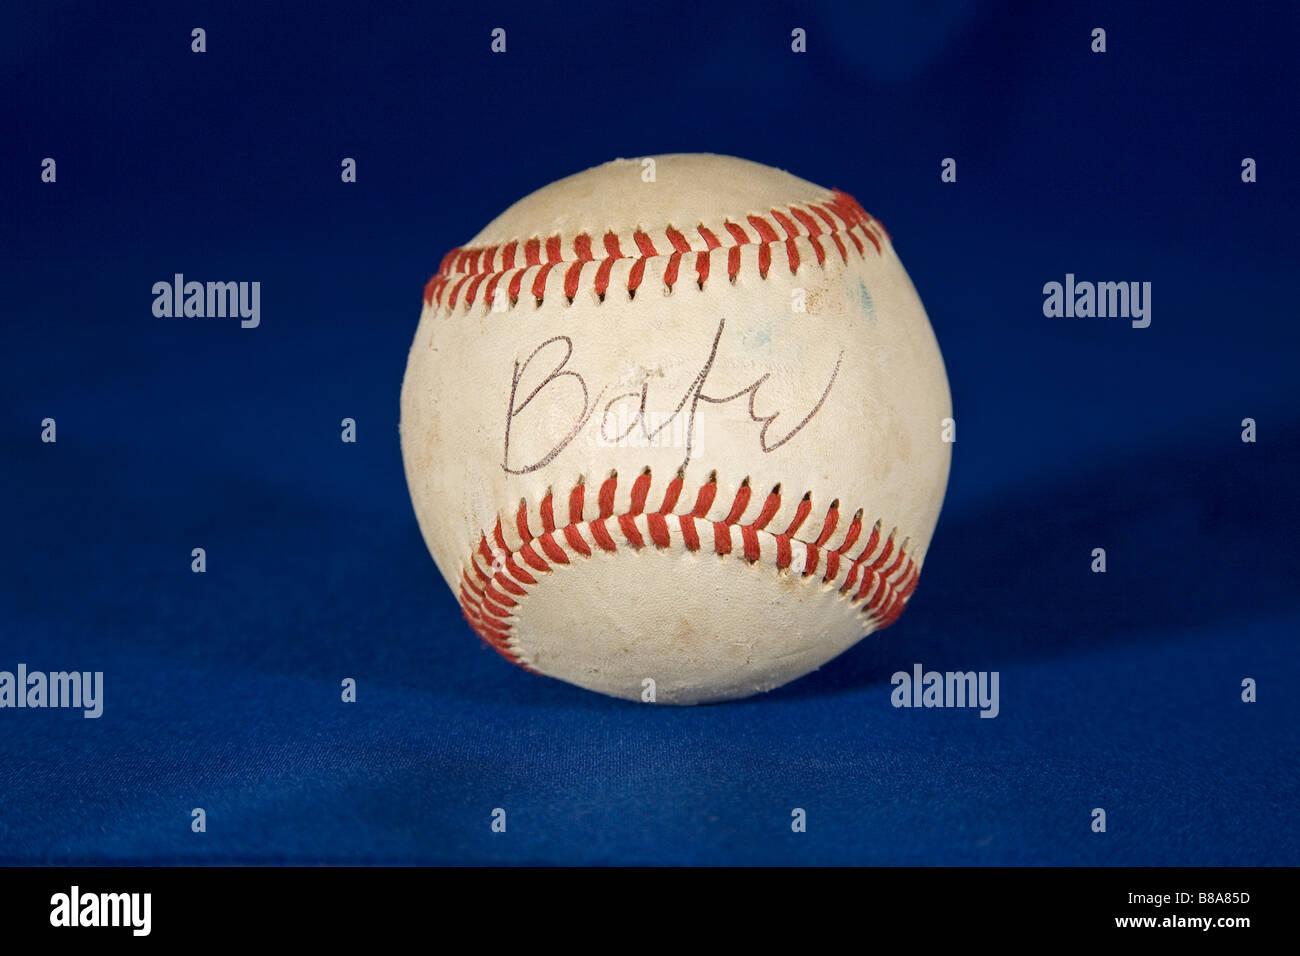 Un chandail signé baseball a porté jusqu'à 150 000 dollars aux enchères Photo Stock